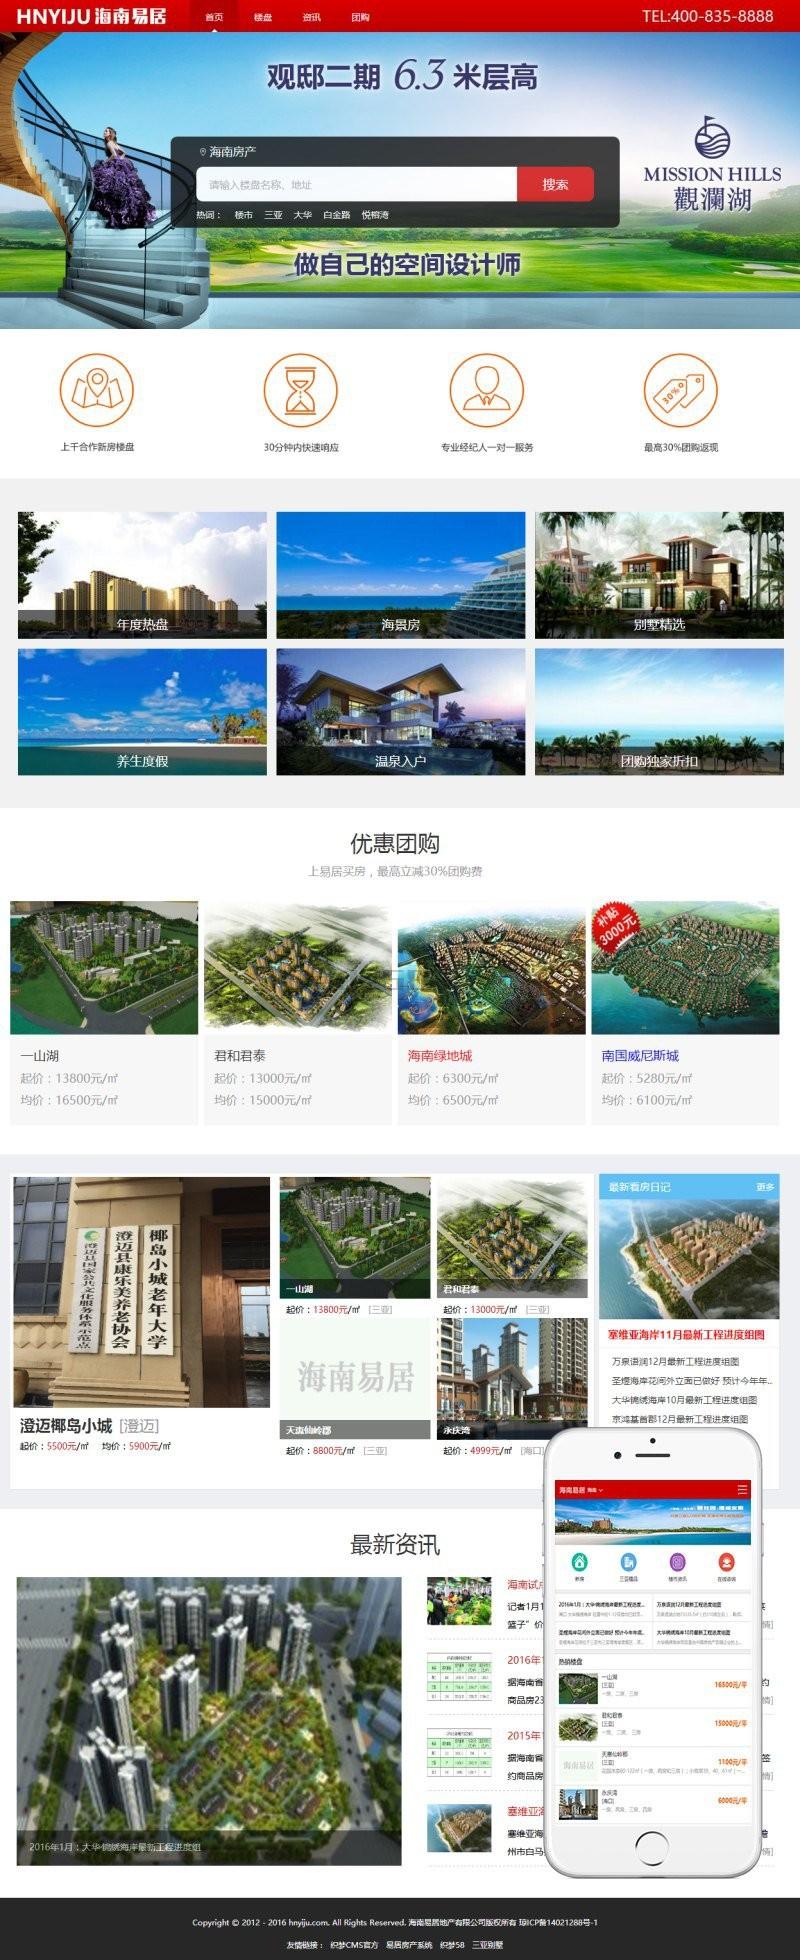 房地产公司房产中介织梦房产系统房地产销售企业网站源码(带手机移动端)